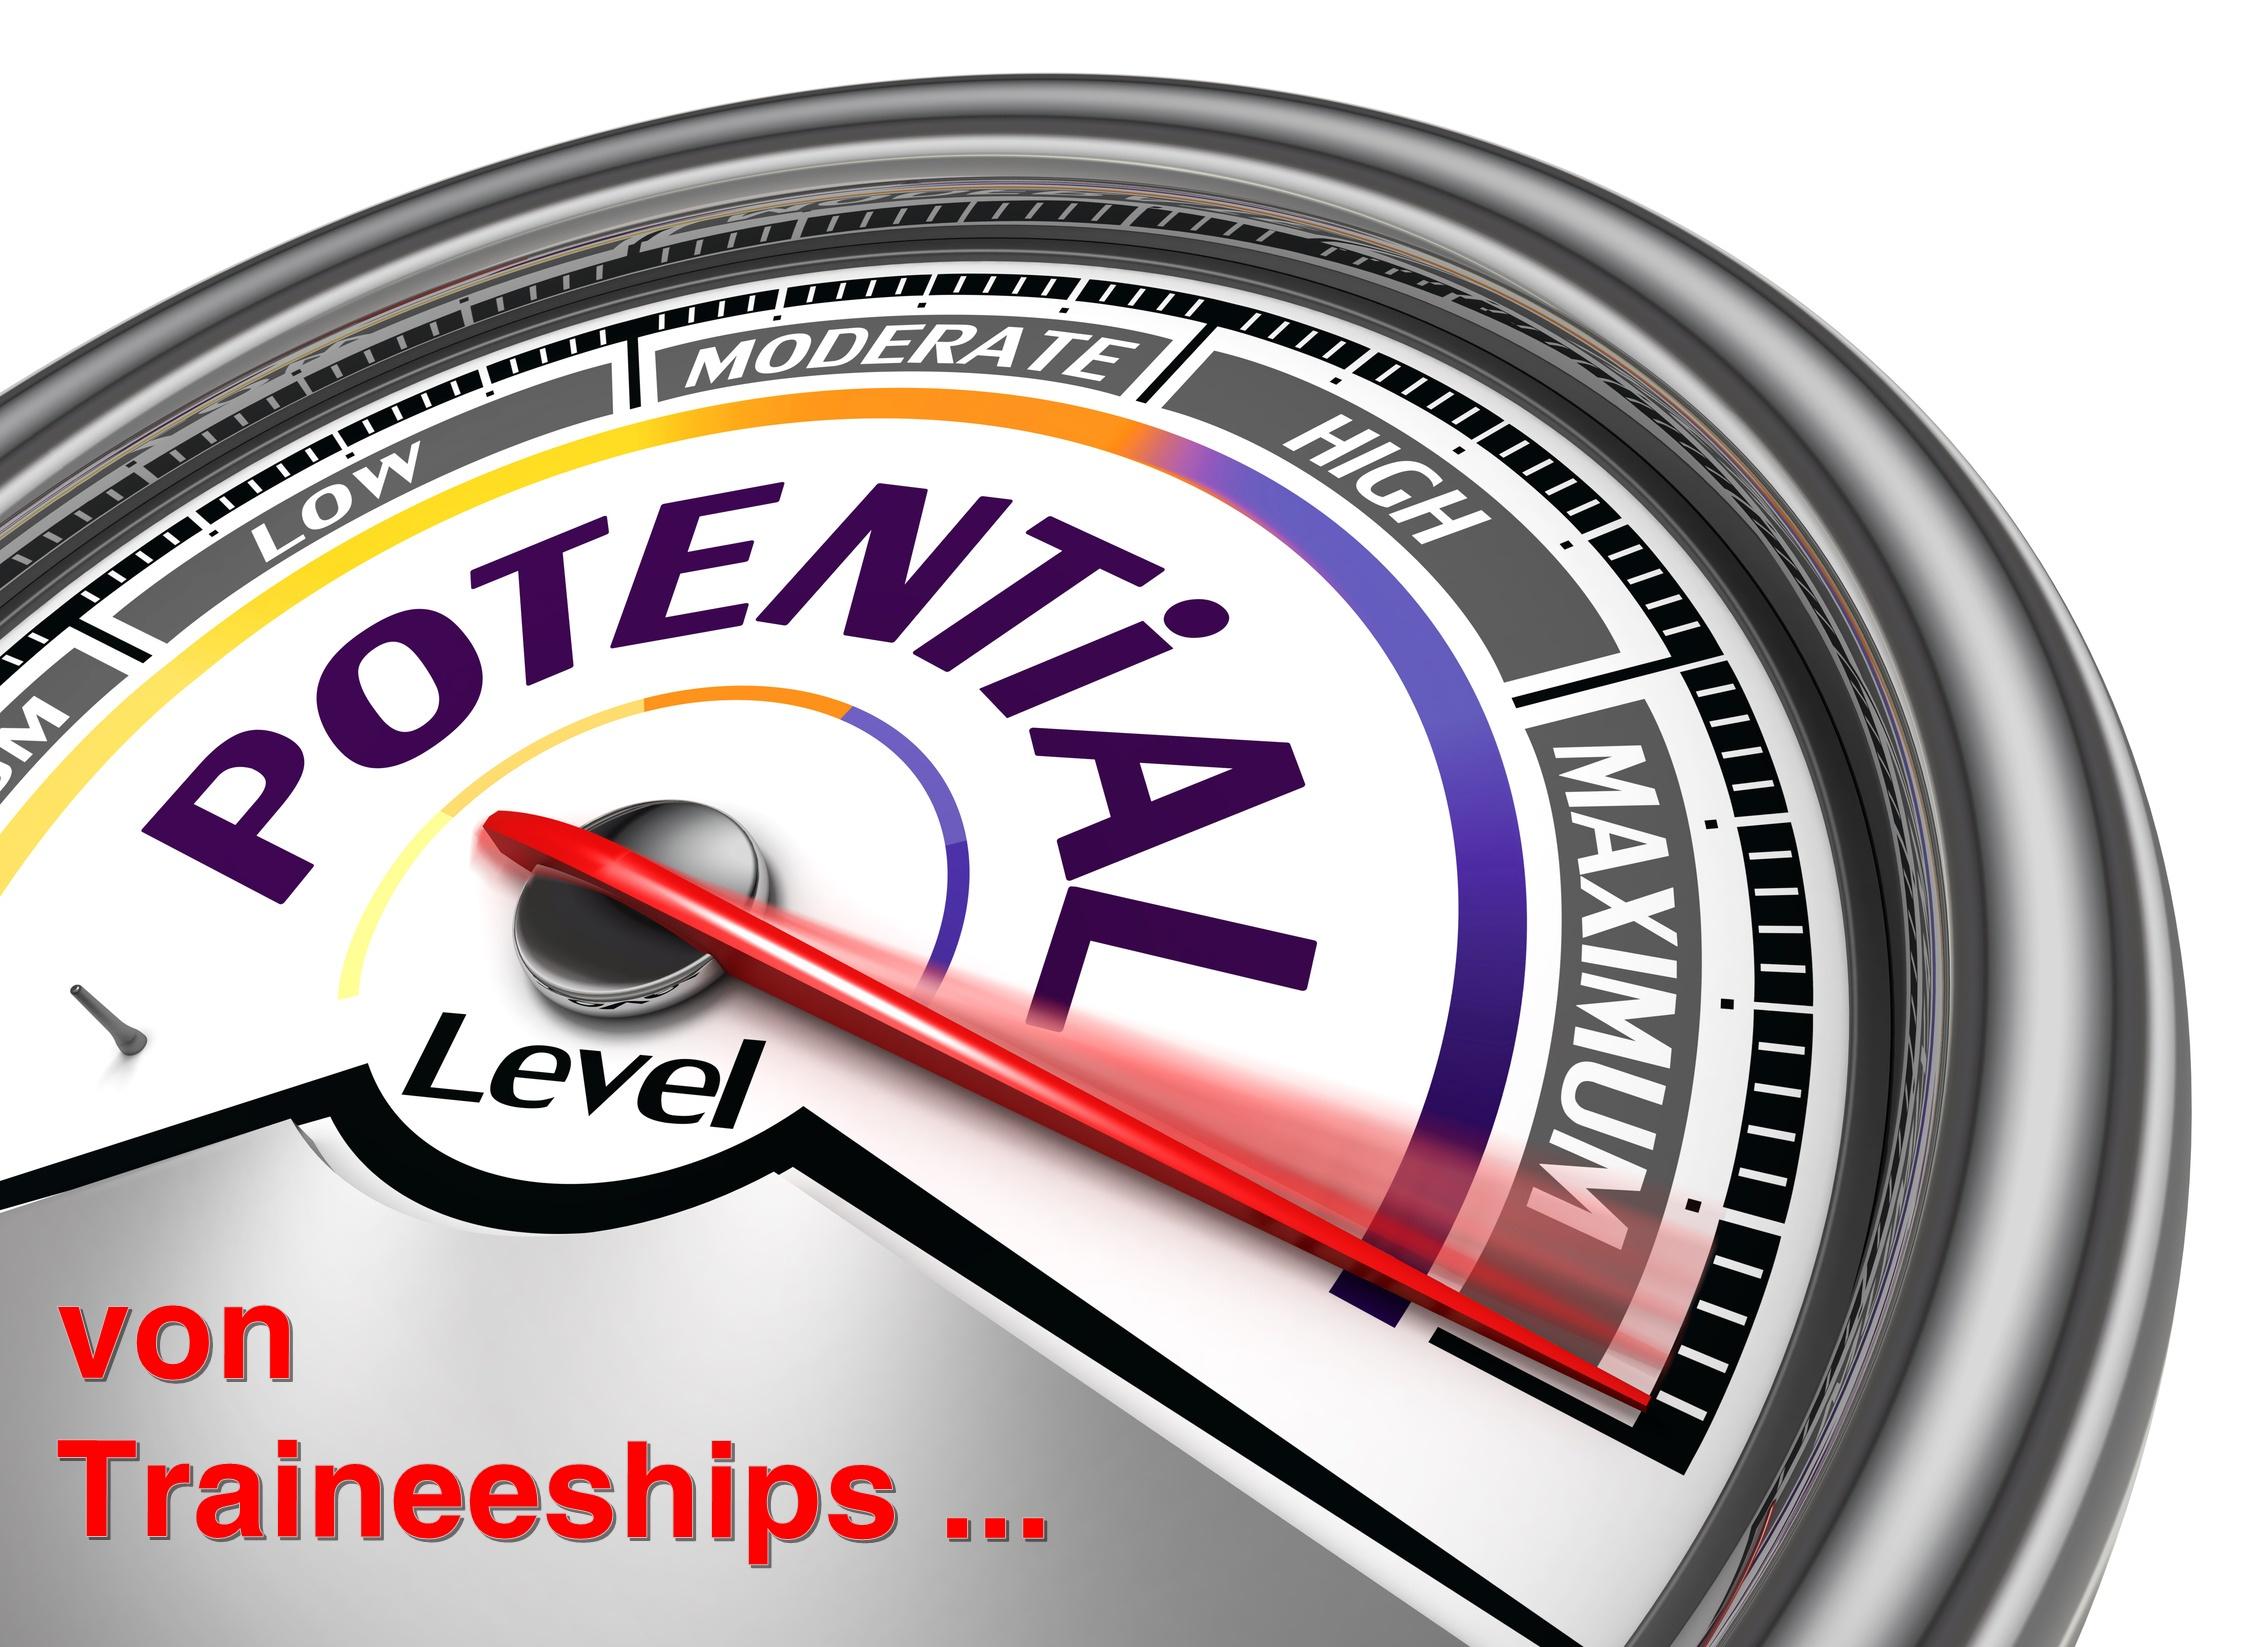 Potenzialeinschätzung für Traineeships